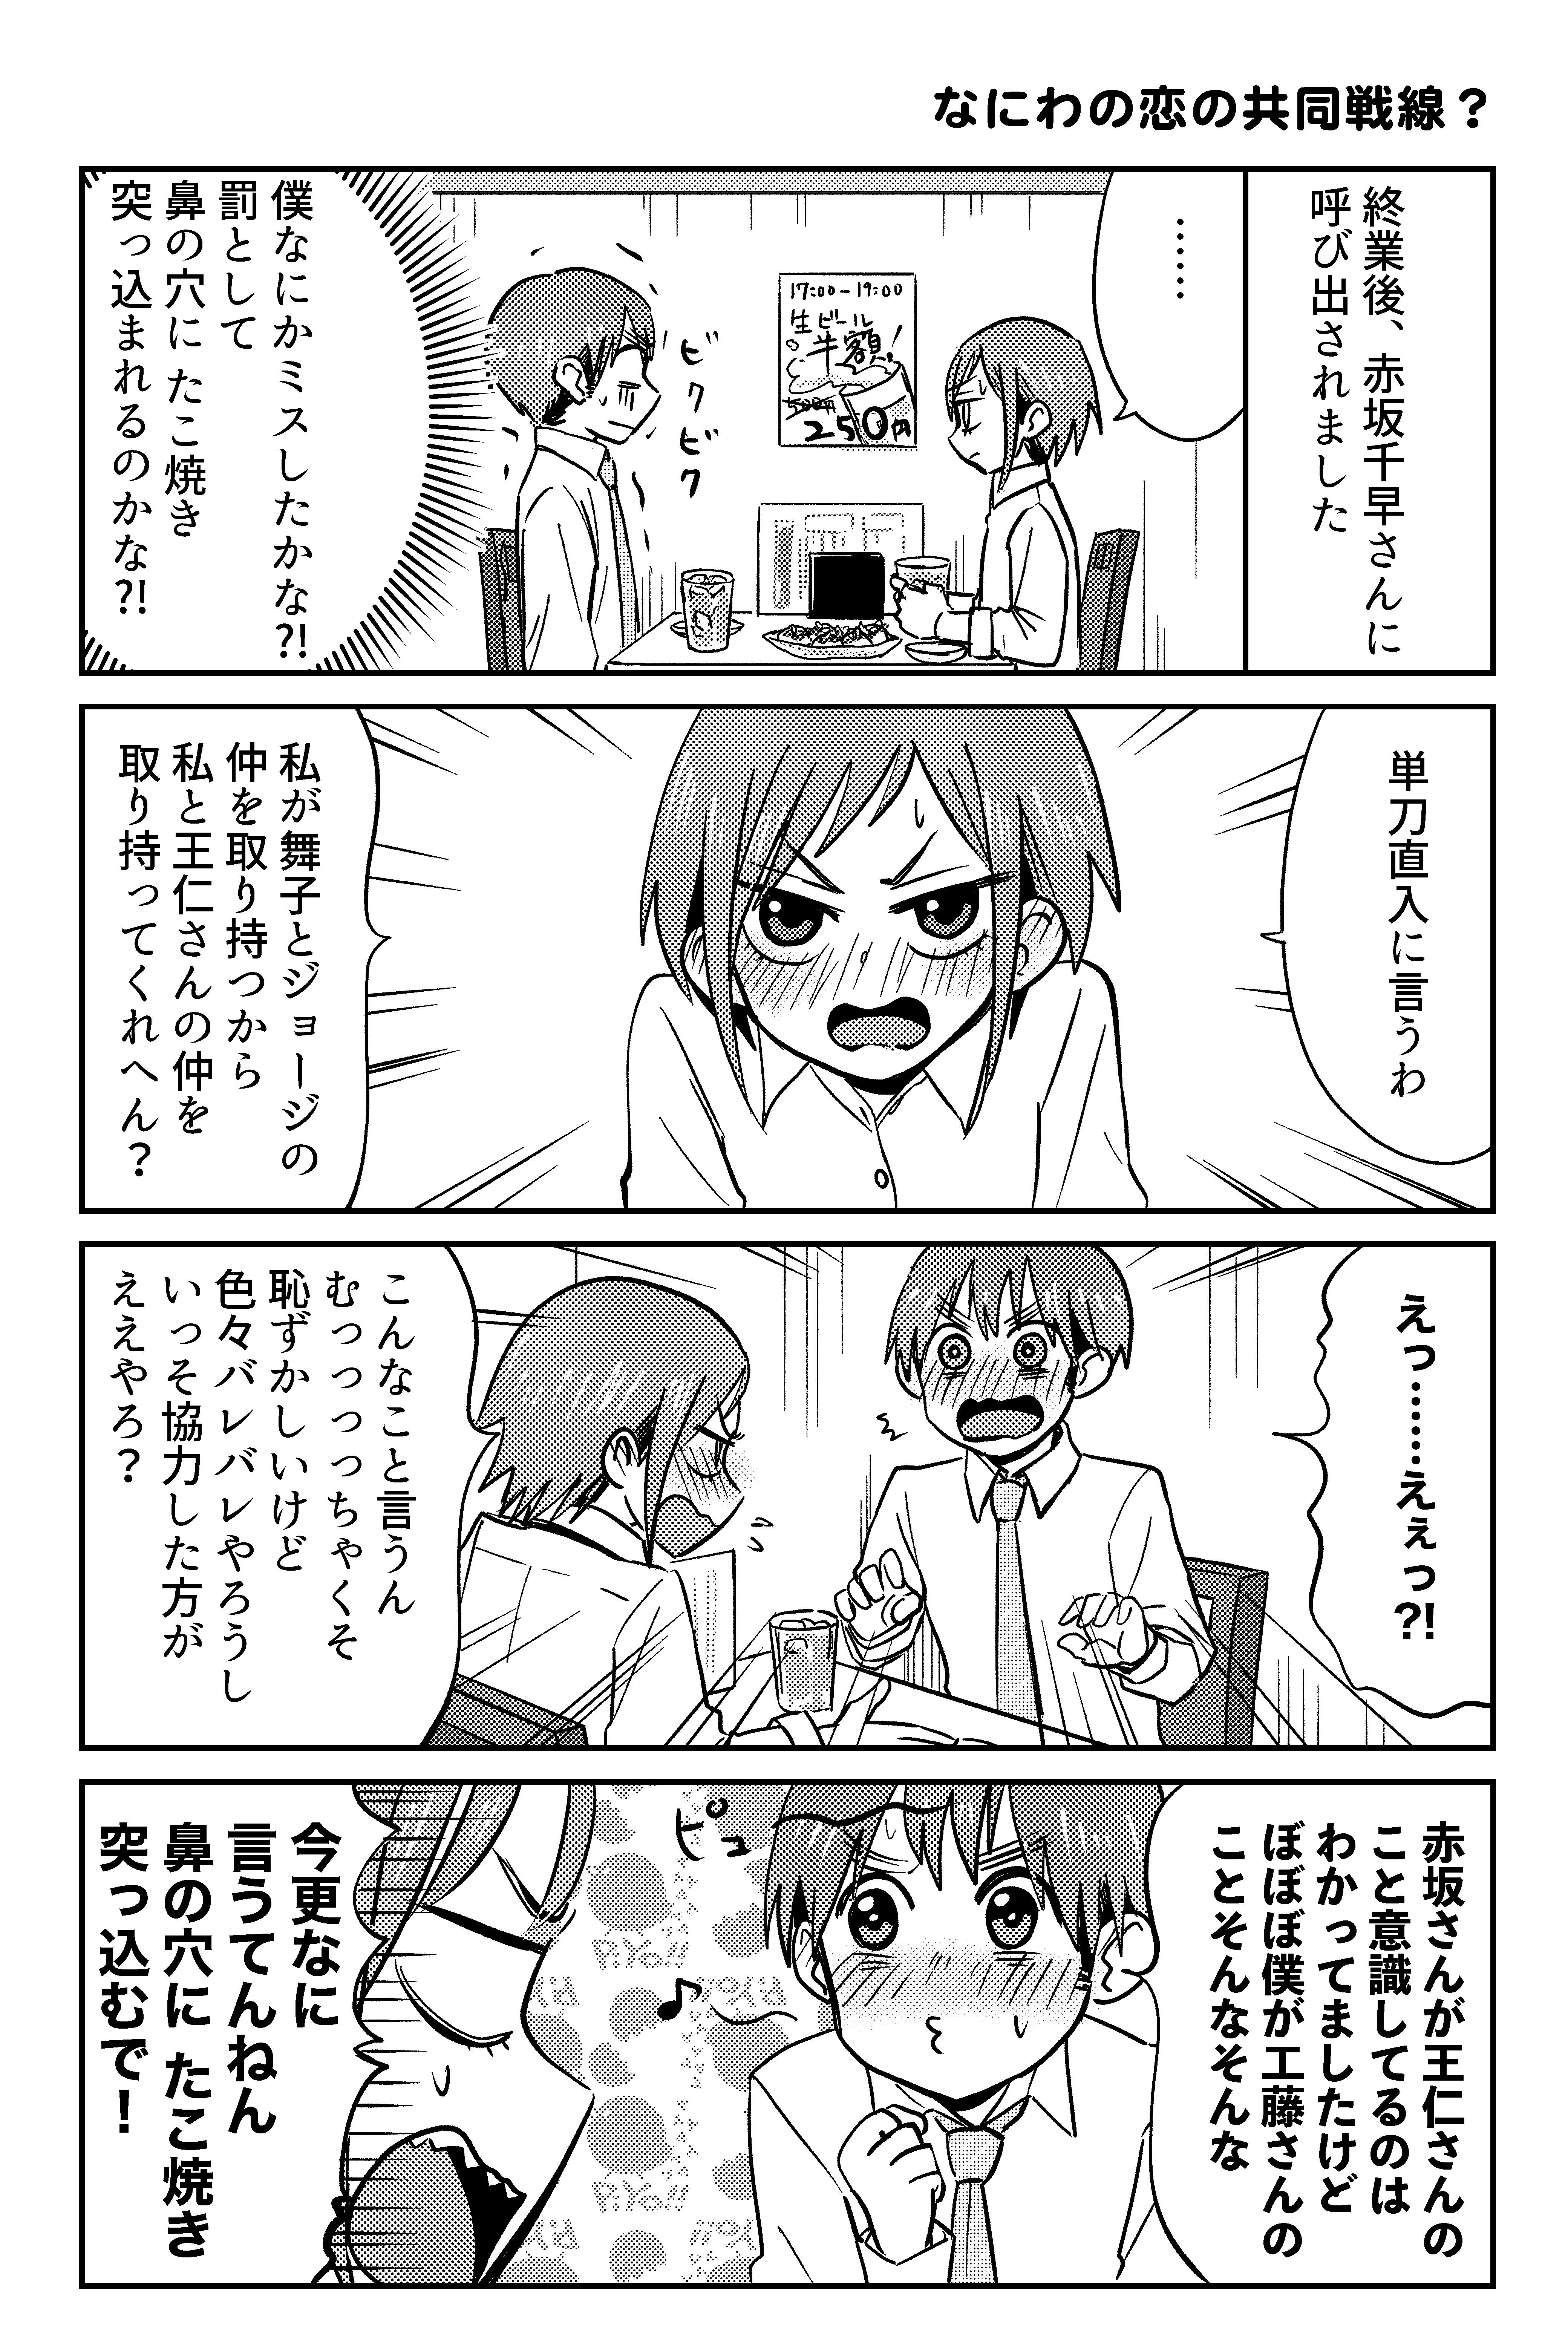 大阪ちゅーとリアル(なにわの恋の共同戦線!)